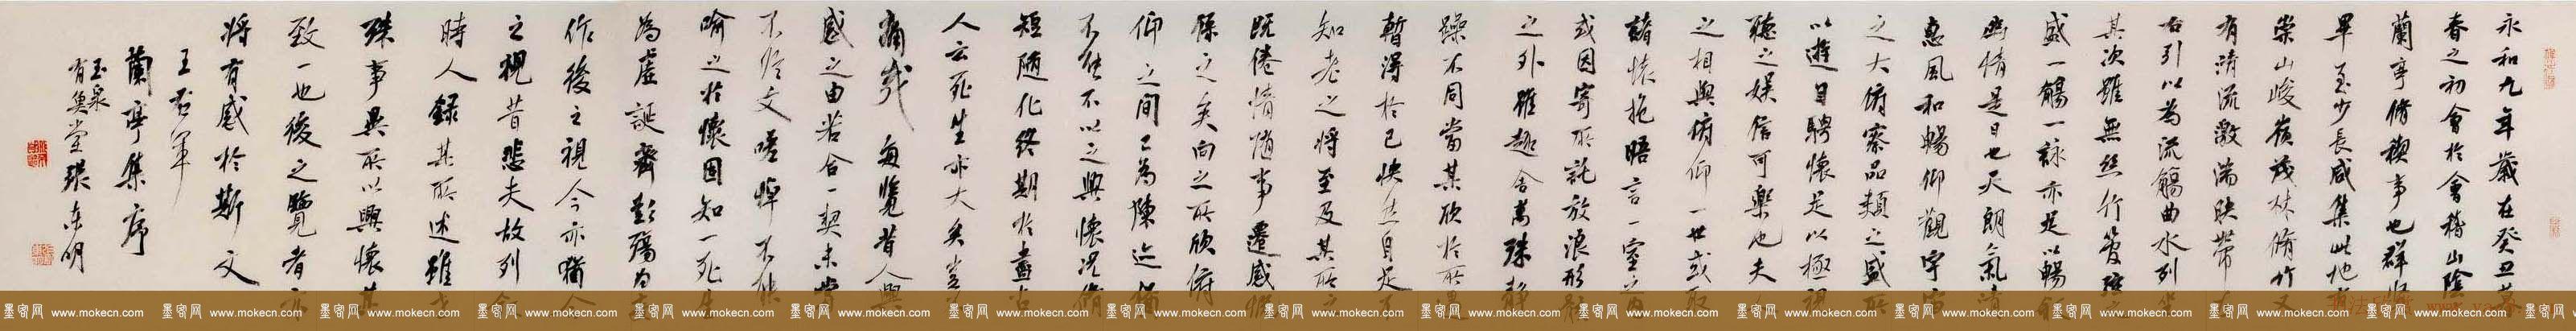 张东明书法手卷王右军兰亭集序